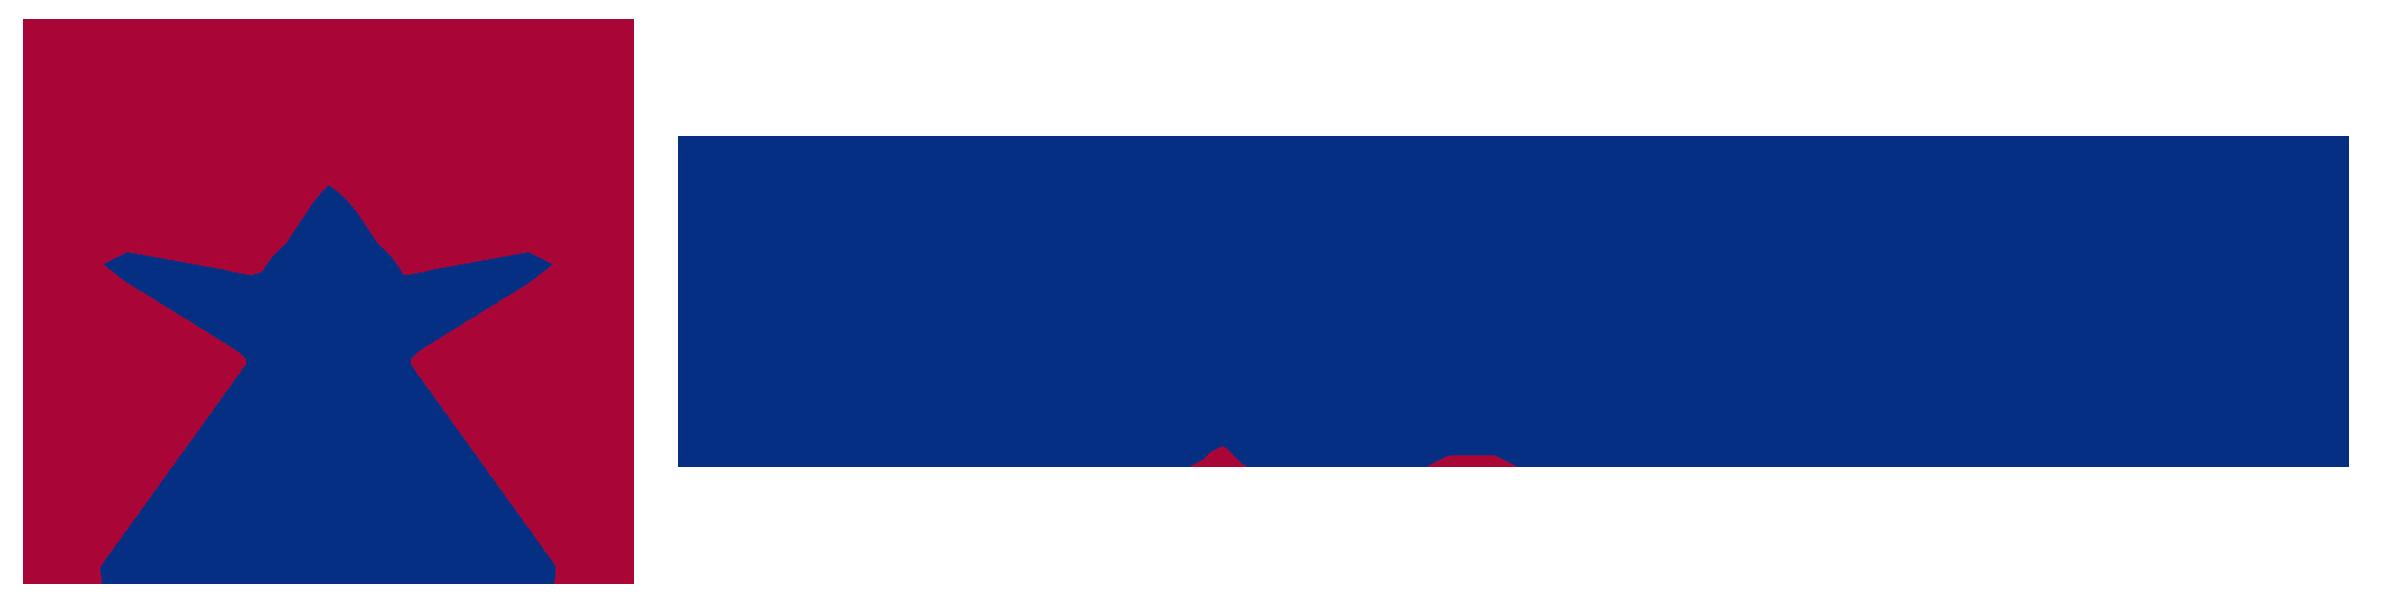 Winn's CE